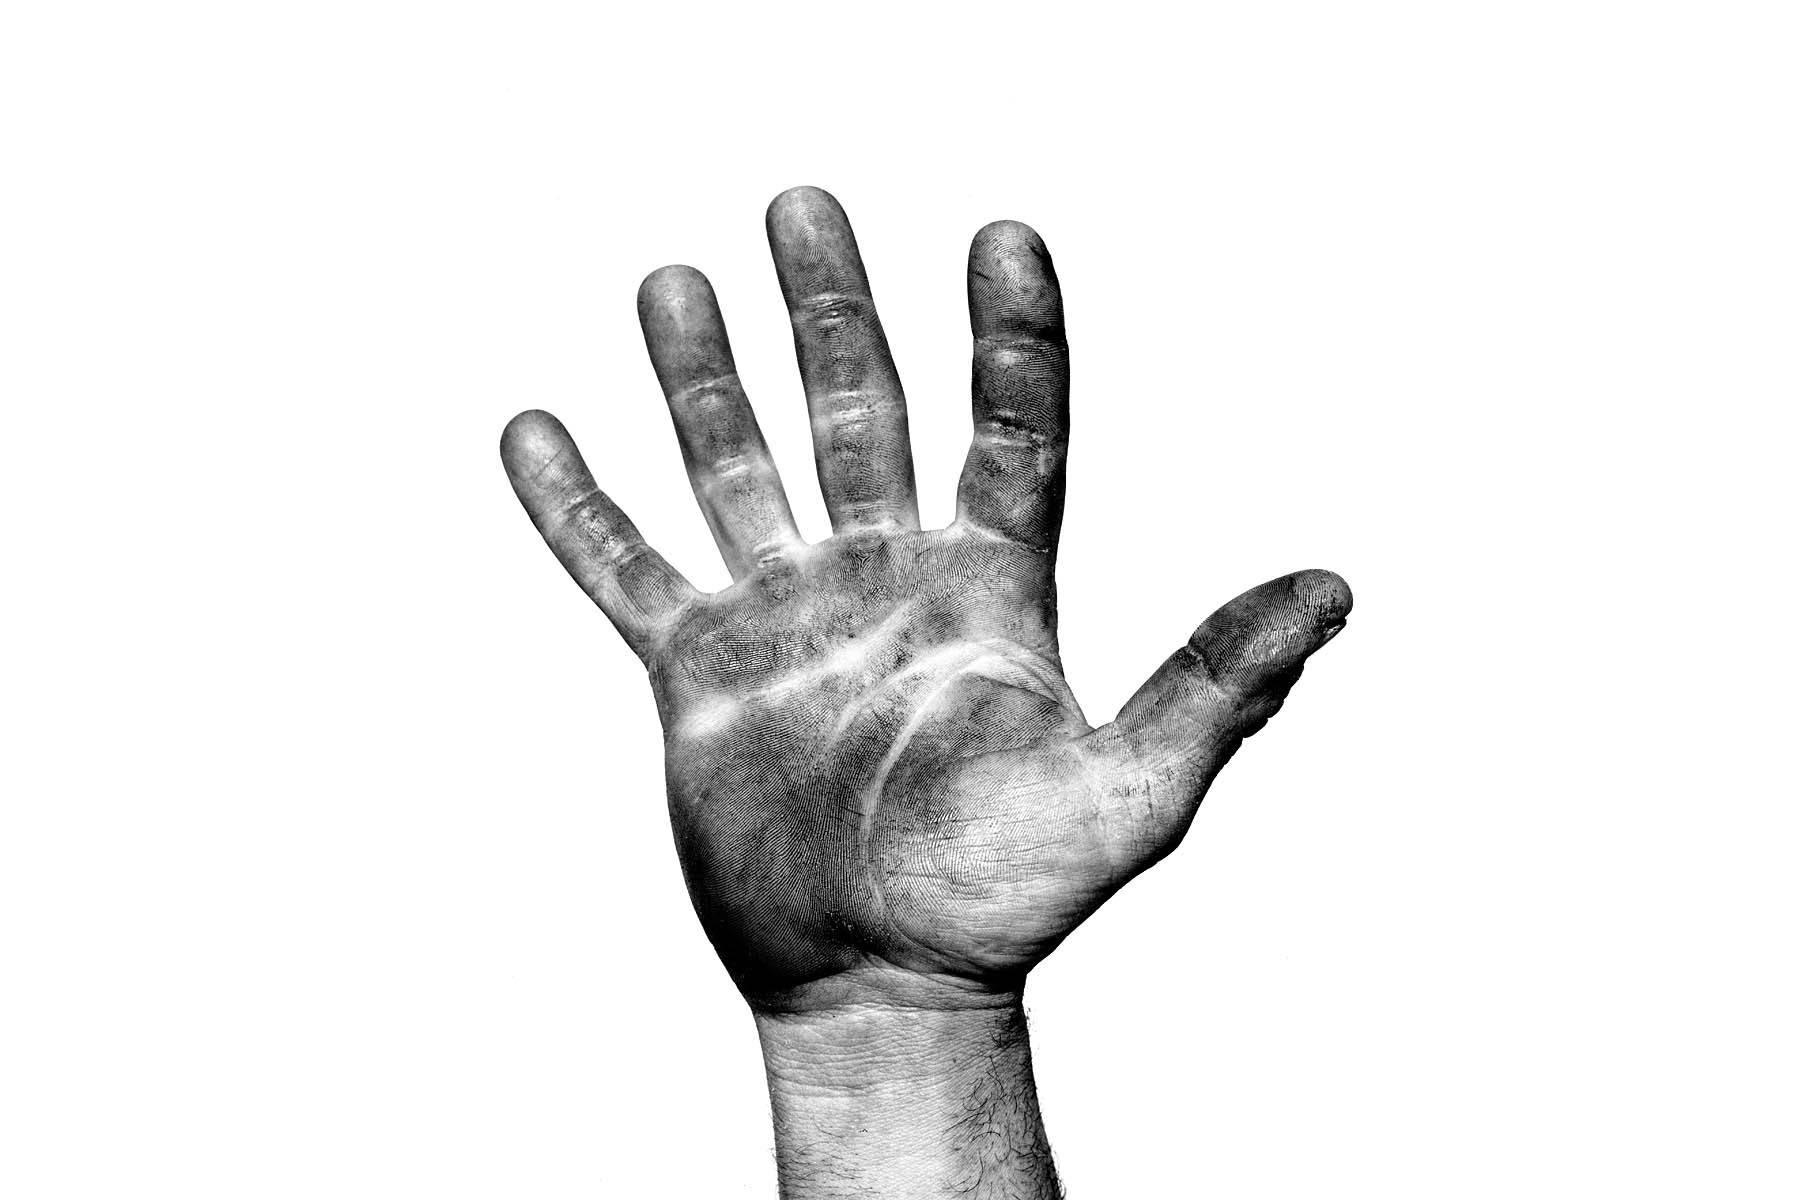 1jesse_james_hand